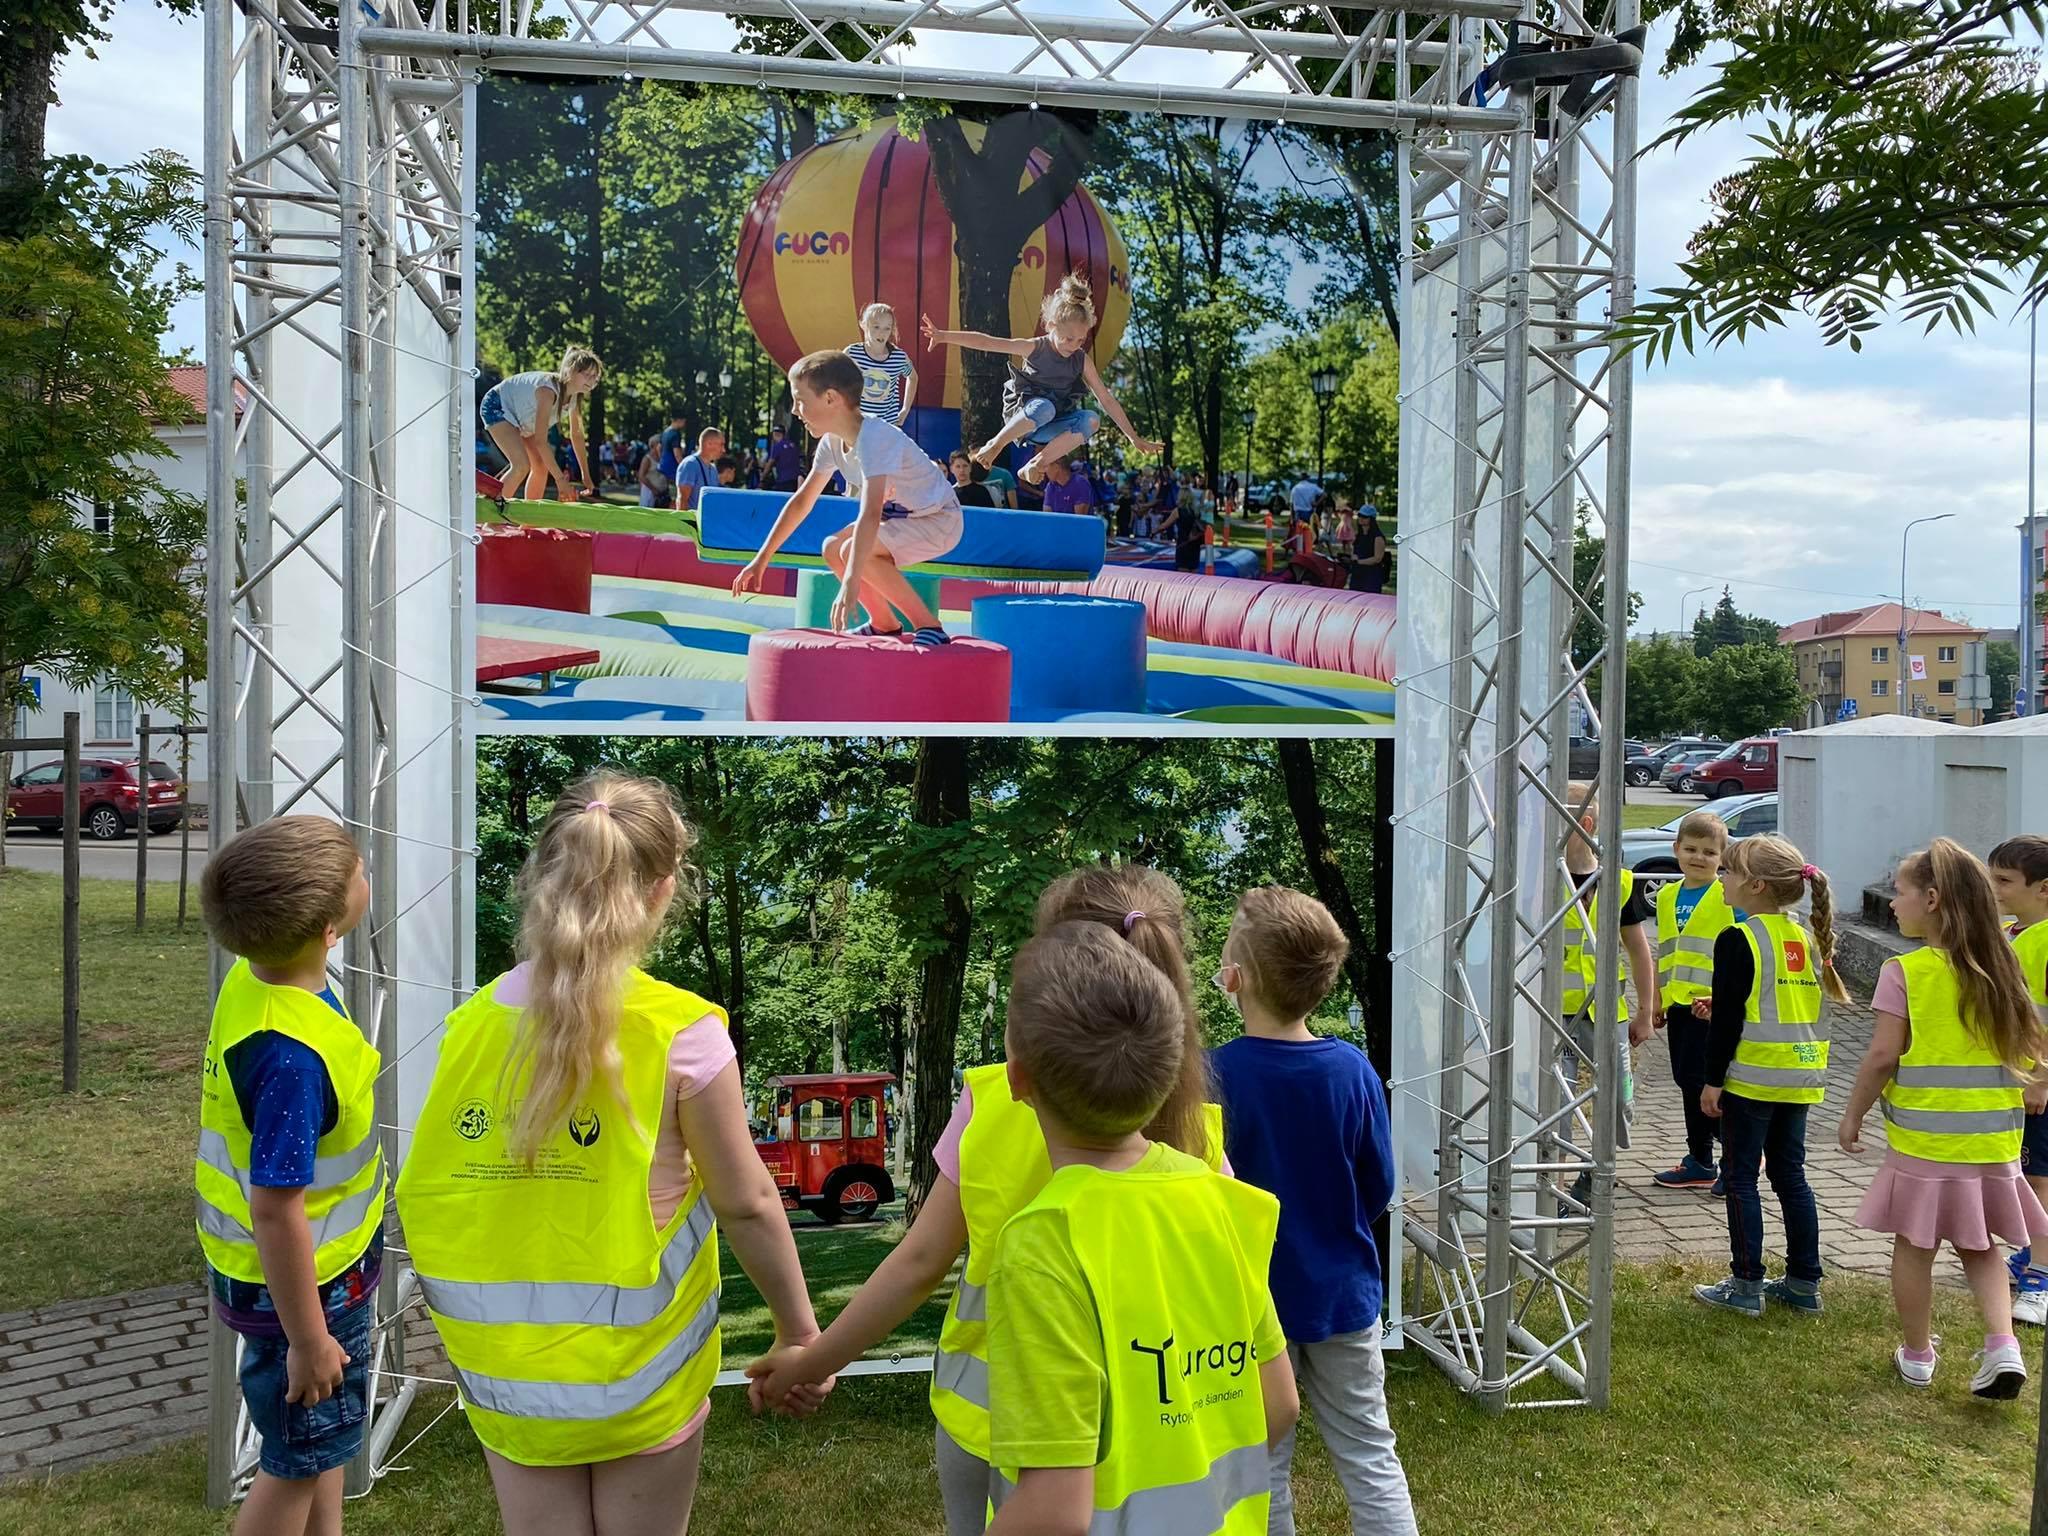 2021-06-14 Tauragės kultūros erdves noriai lanko ir mažieji tauragiškiai